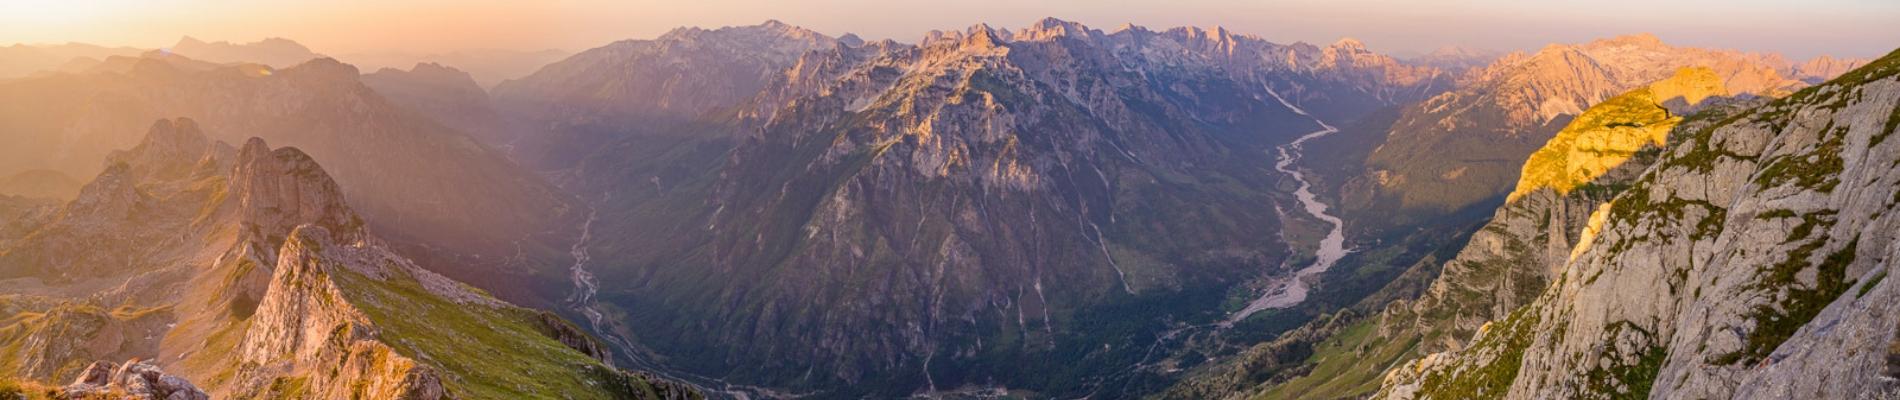 Ku të investoni në prona te patundshme në Shqipëri